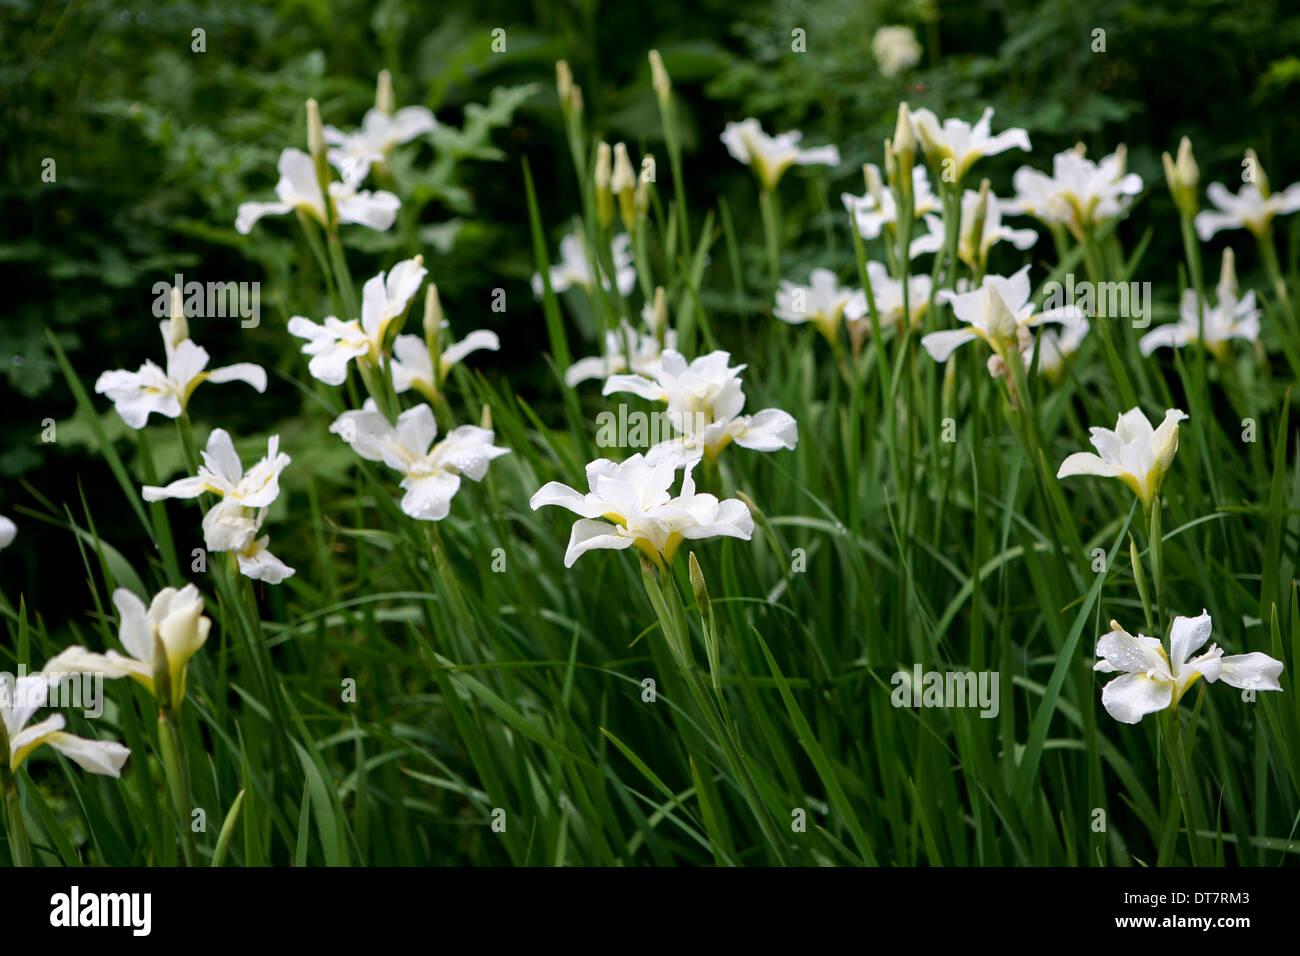 Iris white swirl siberian iris flower stock photo 66555107 alamy iris white swirl siberian iris flower izmirmasajfo